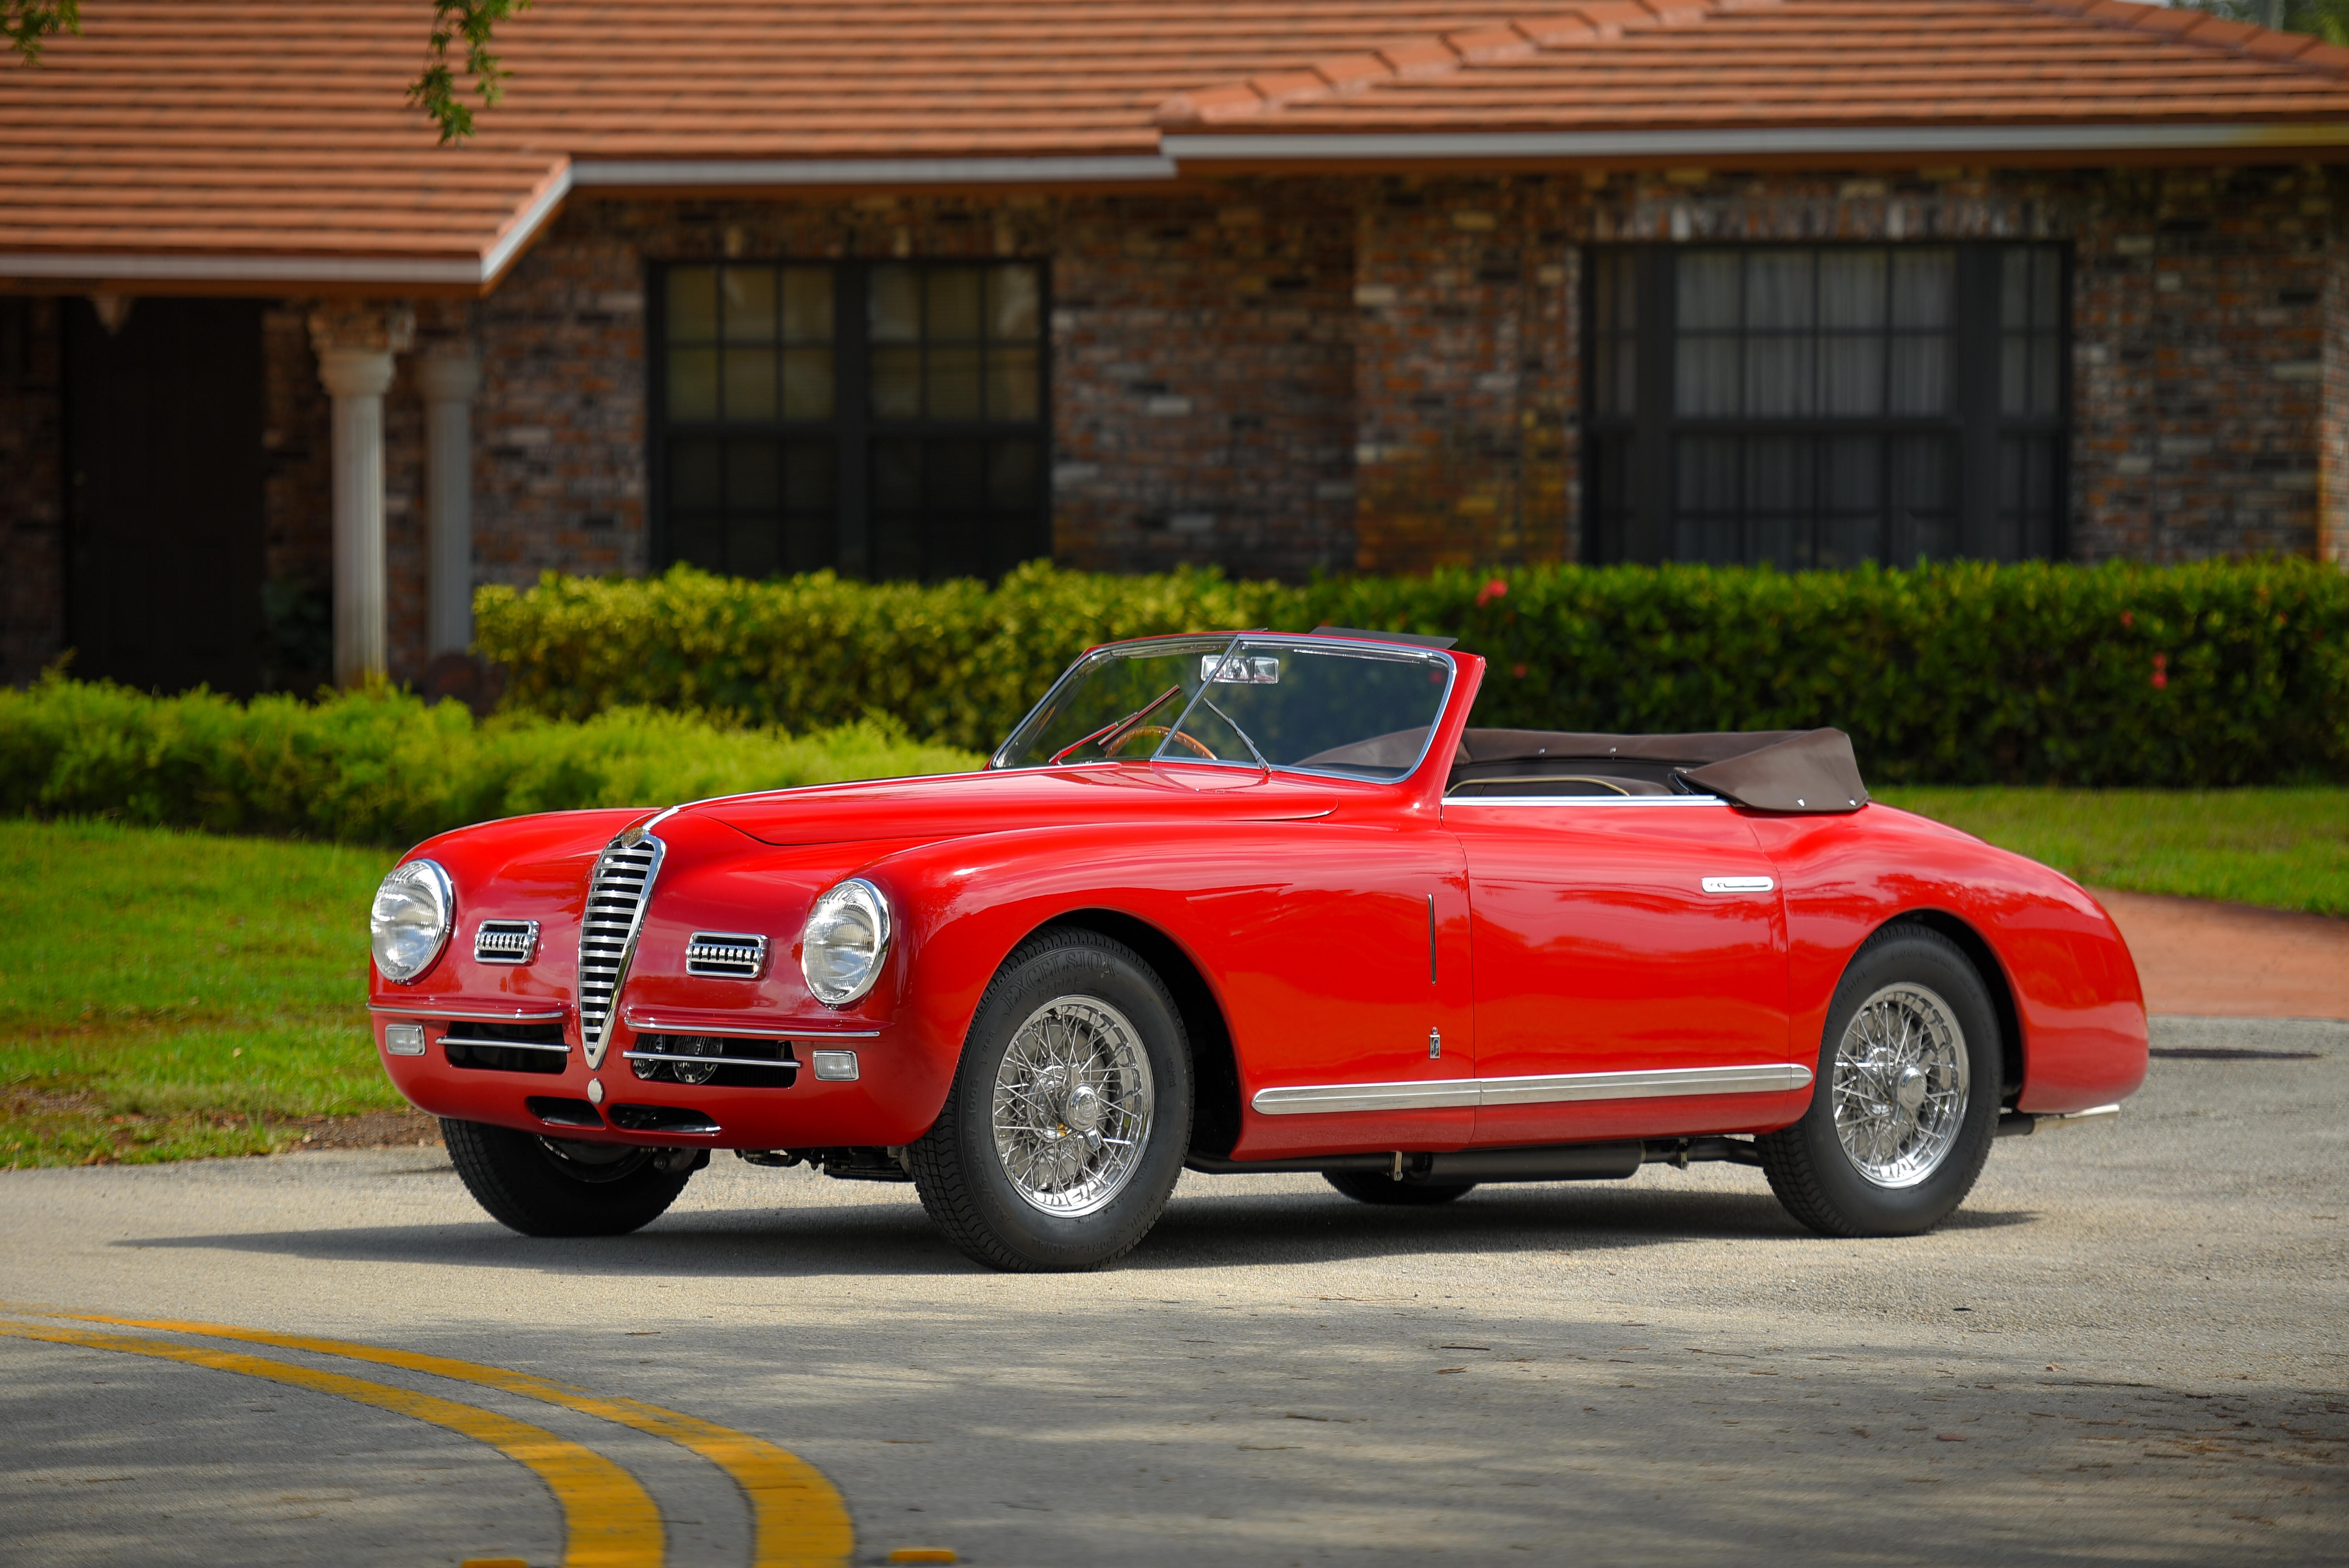 1949 Alfa Romeo 6C 2500 Super Sport Cabriolet